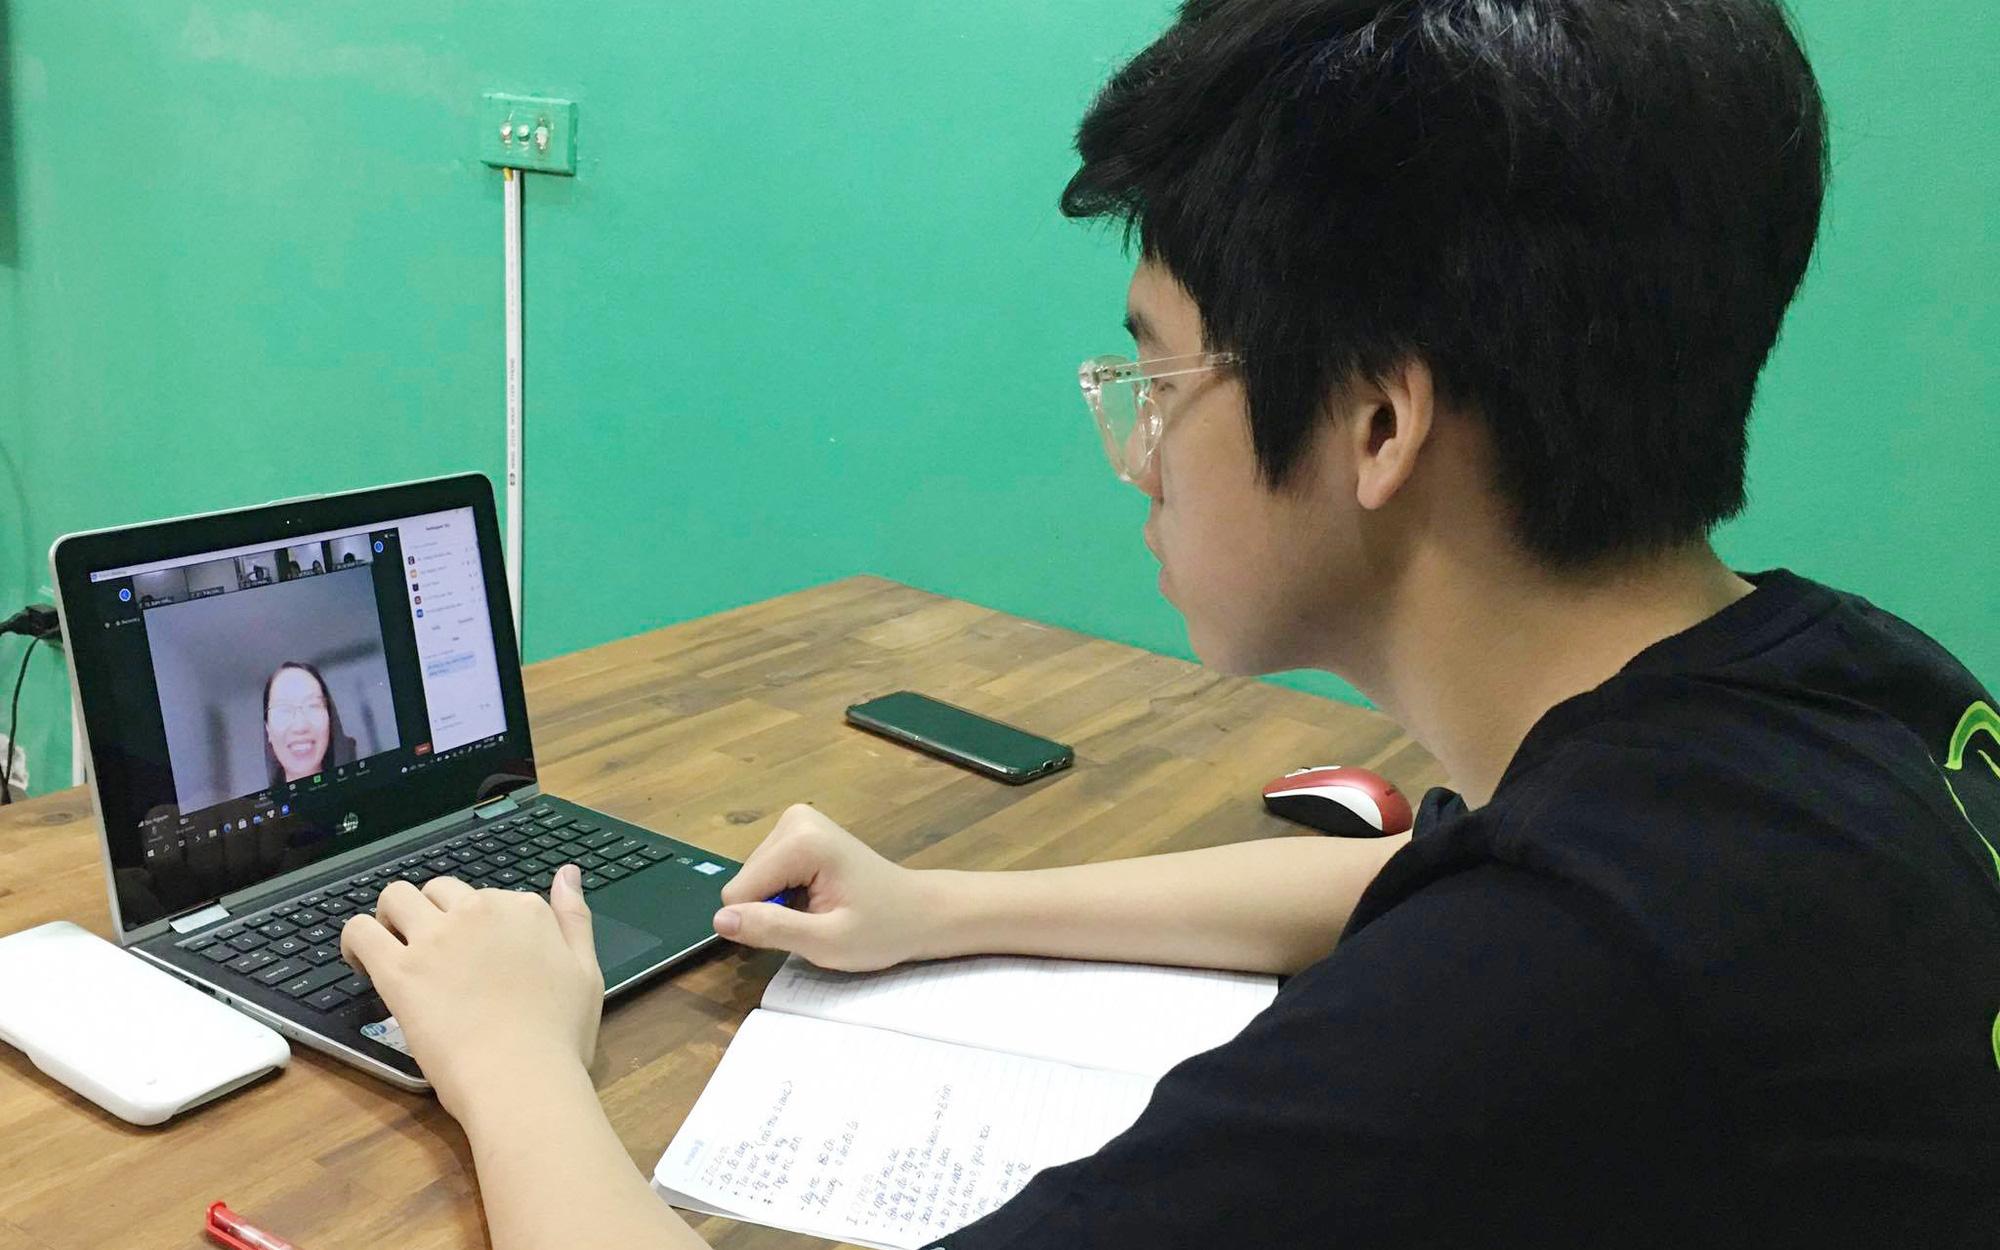 Hà Nội: Các trường bắt đầu cho học sinh ôn tập và kiểm tra học kỳ 2 online